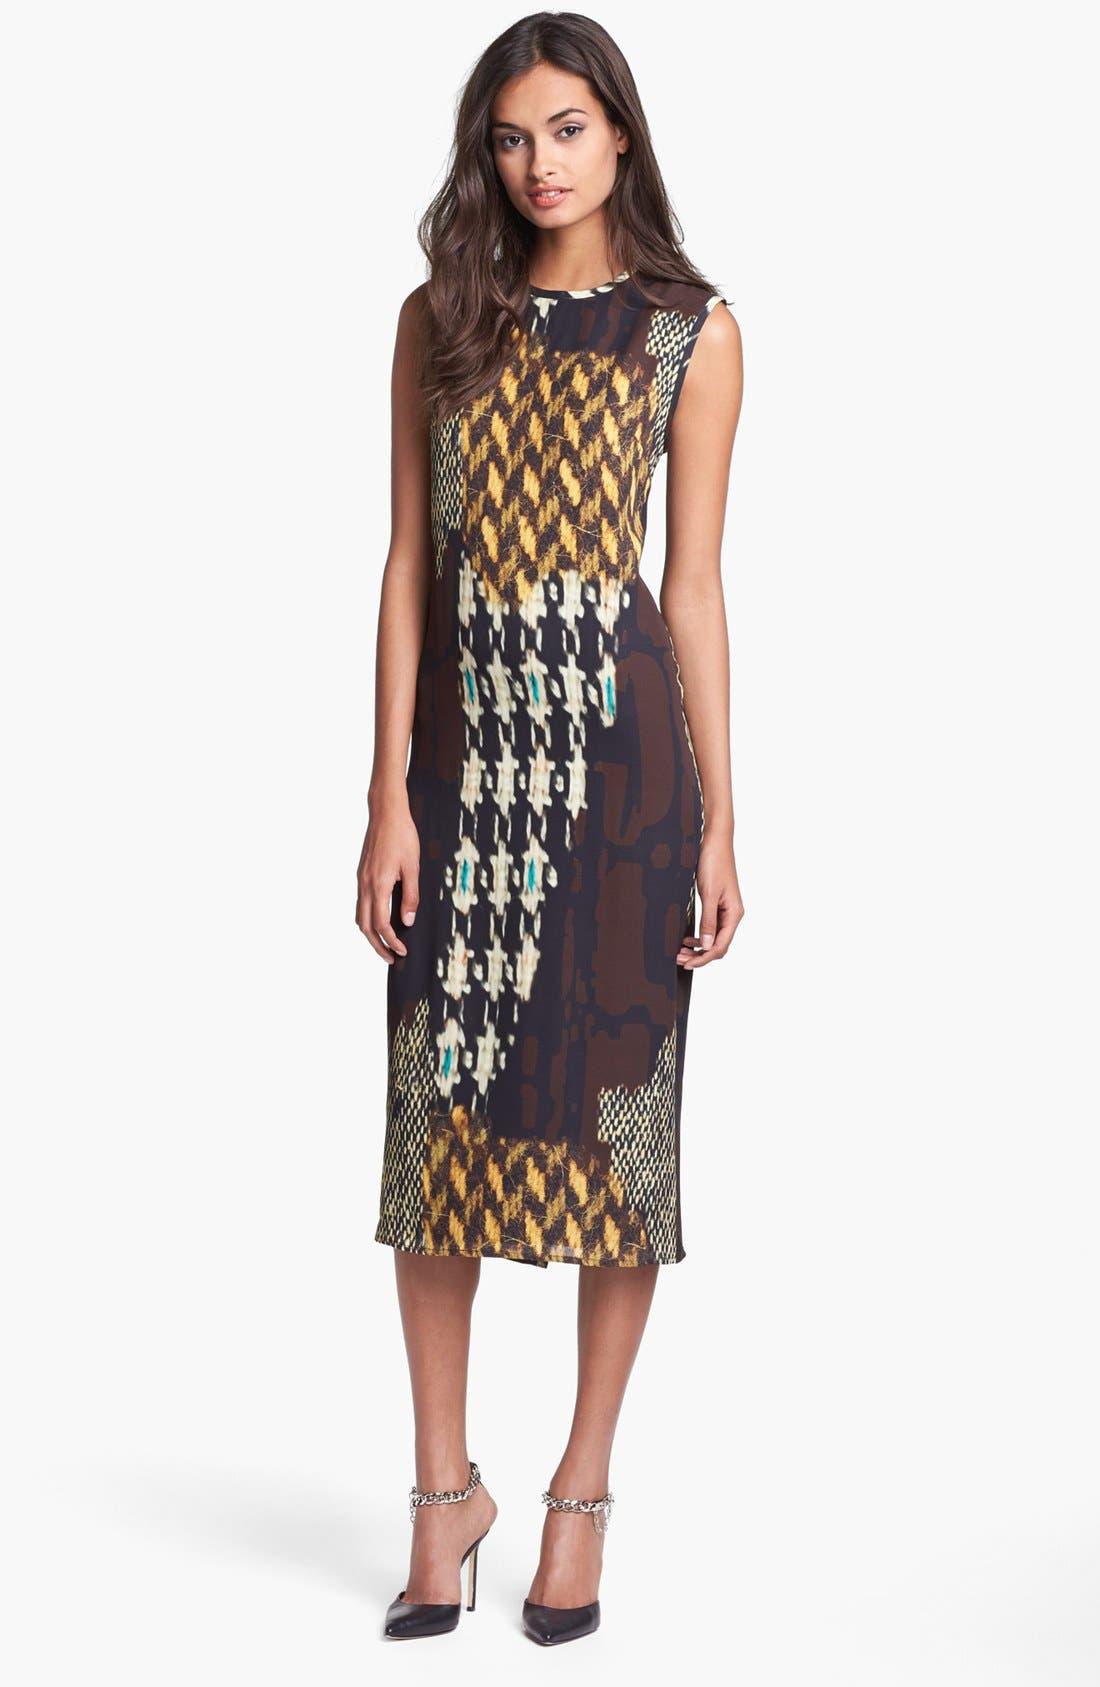 Alternate Image 1 Selected - Trina Turk 'Lottie' Print Midi Dress